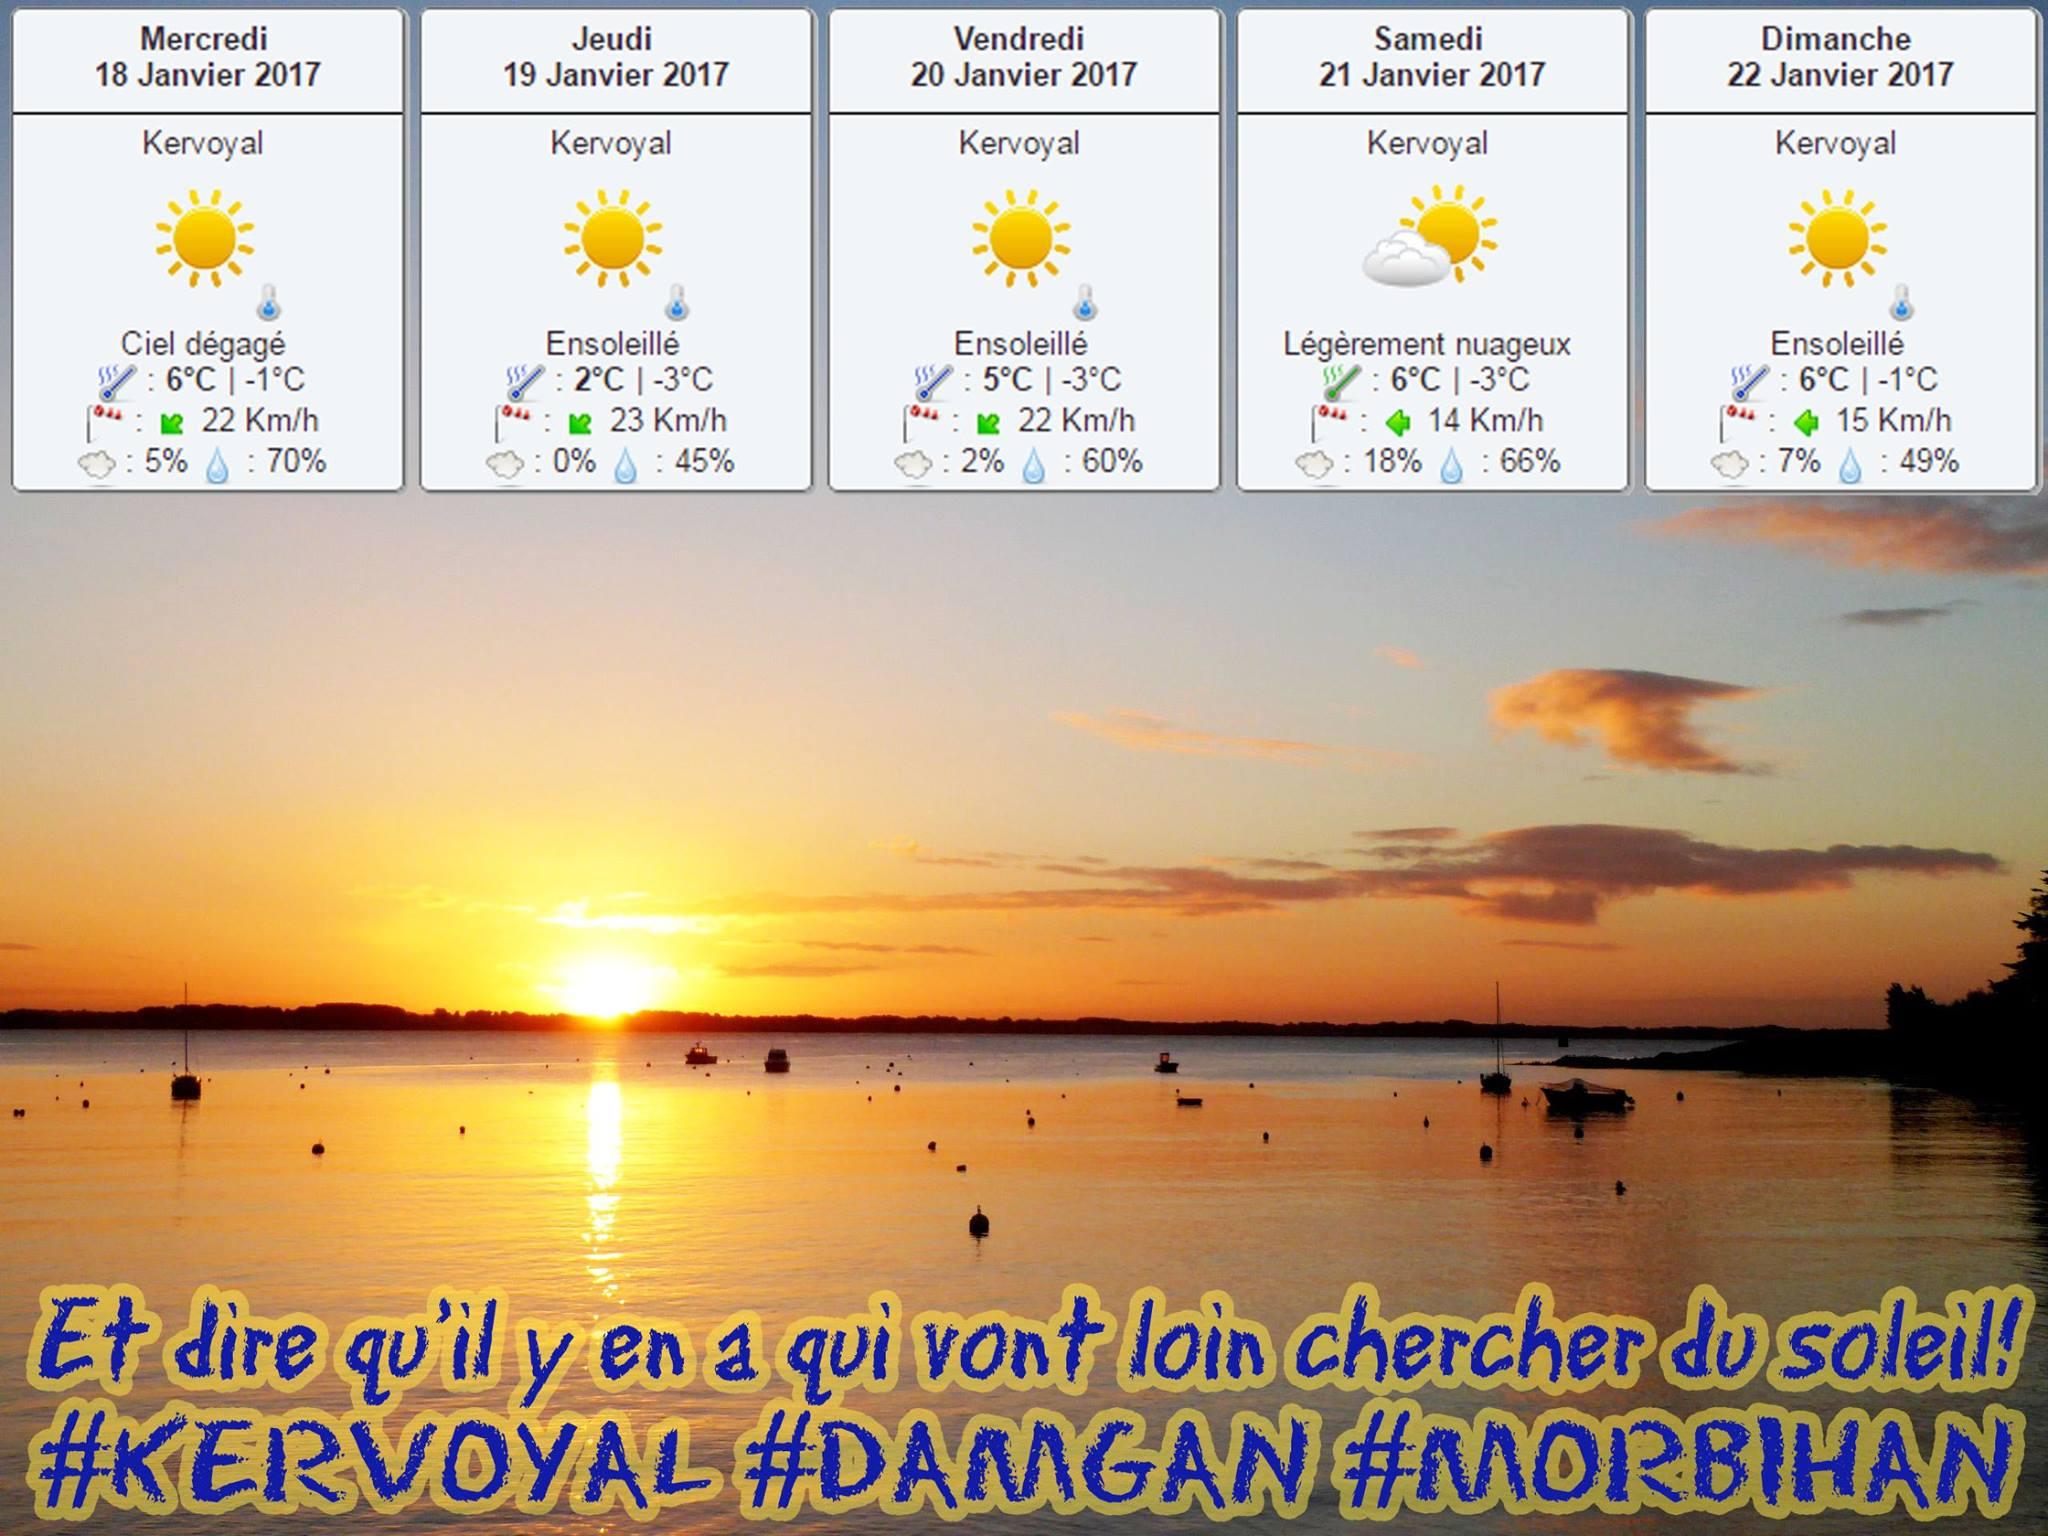 Journée estivale en janvier à kervoyal en damgan